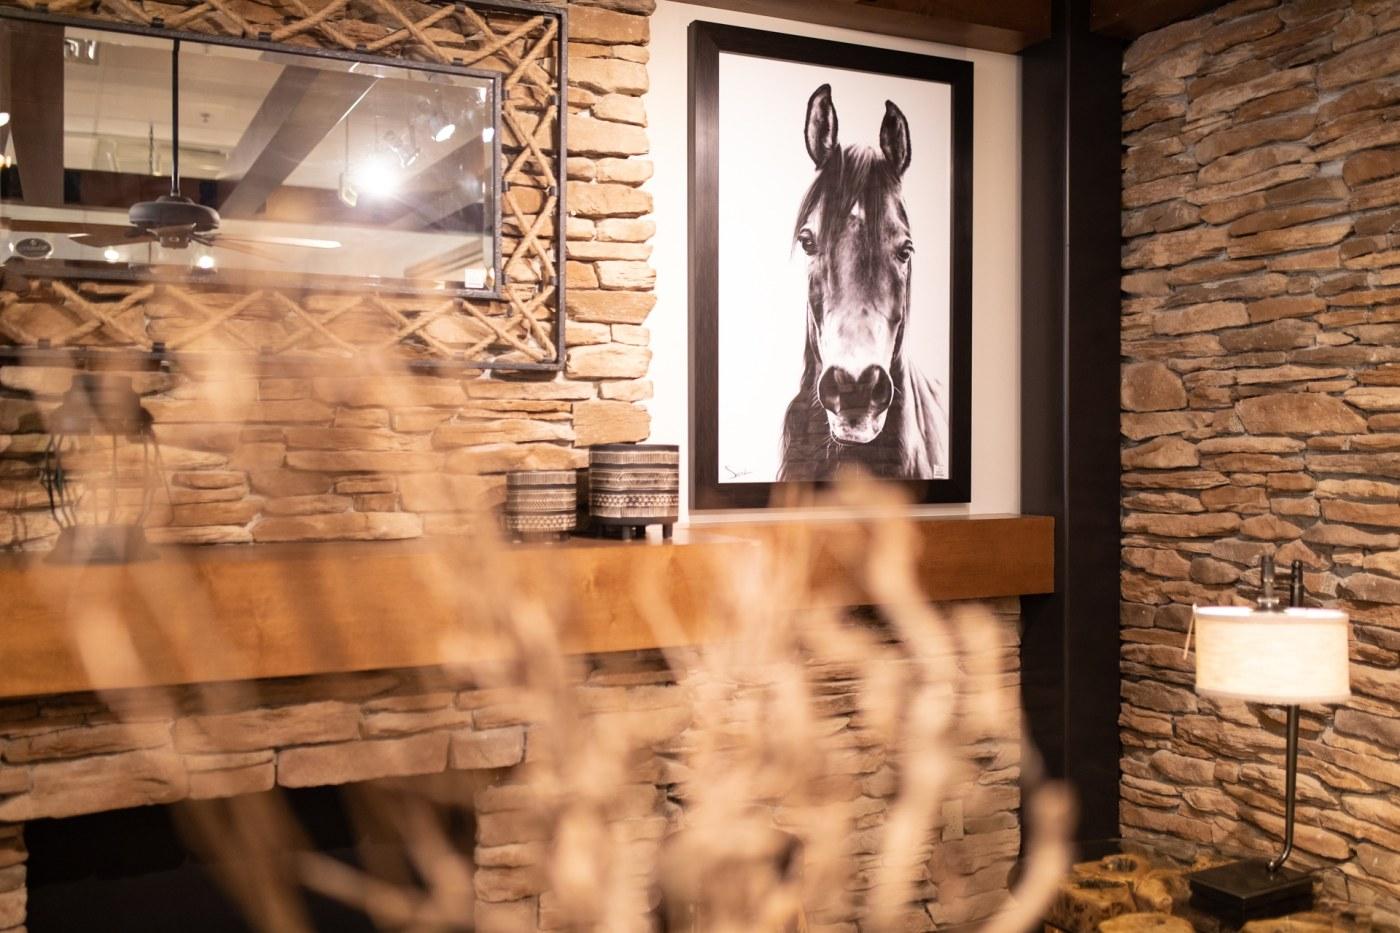 La-Z-Boy furniture horse print